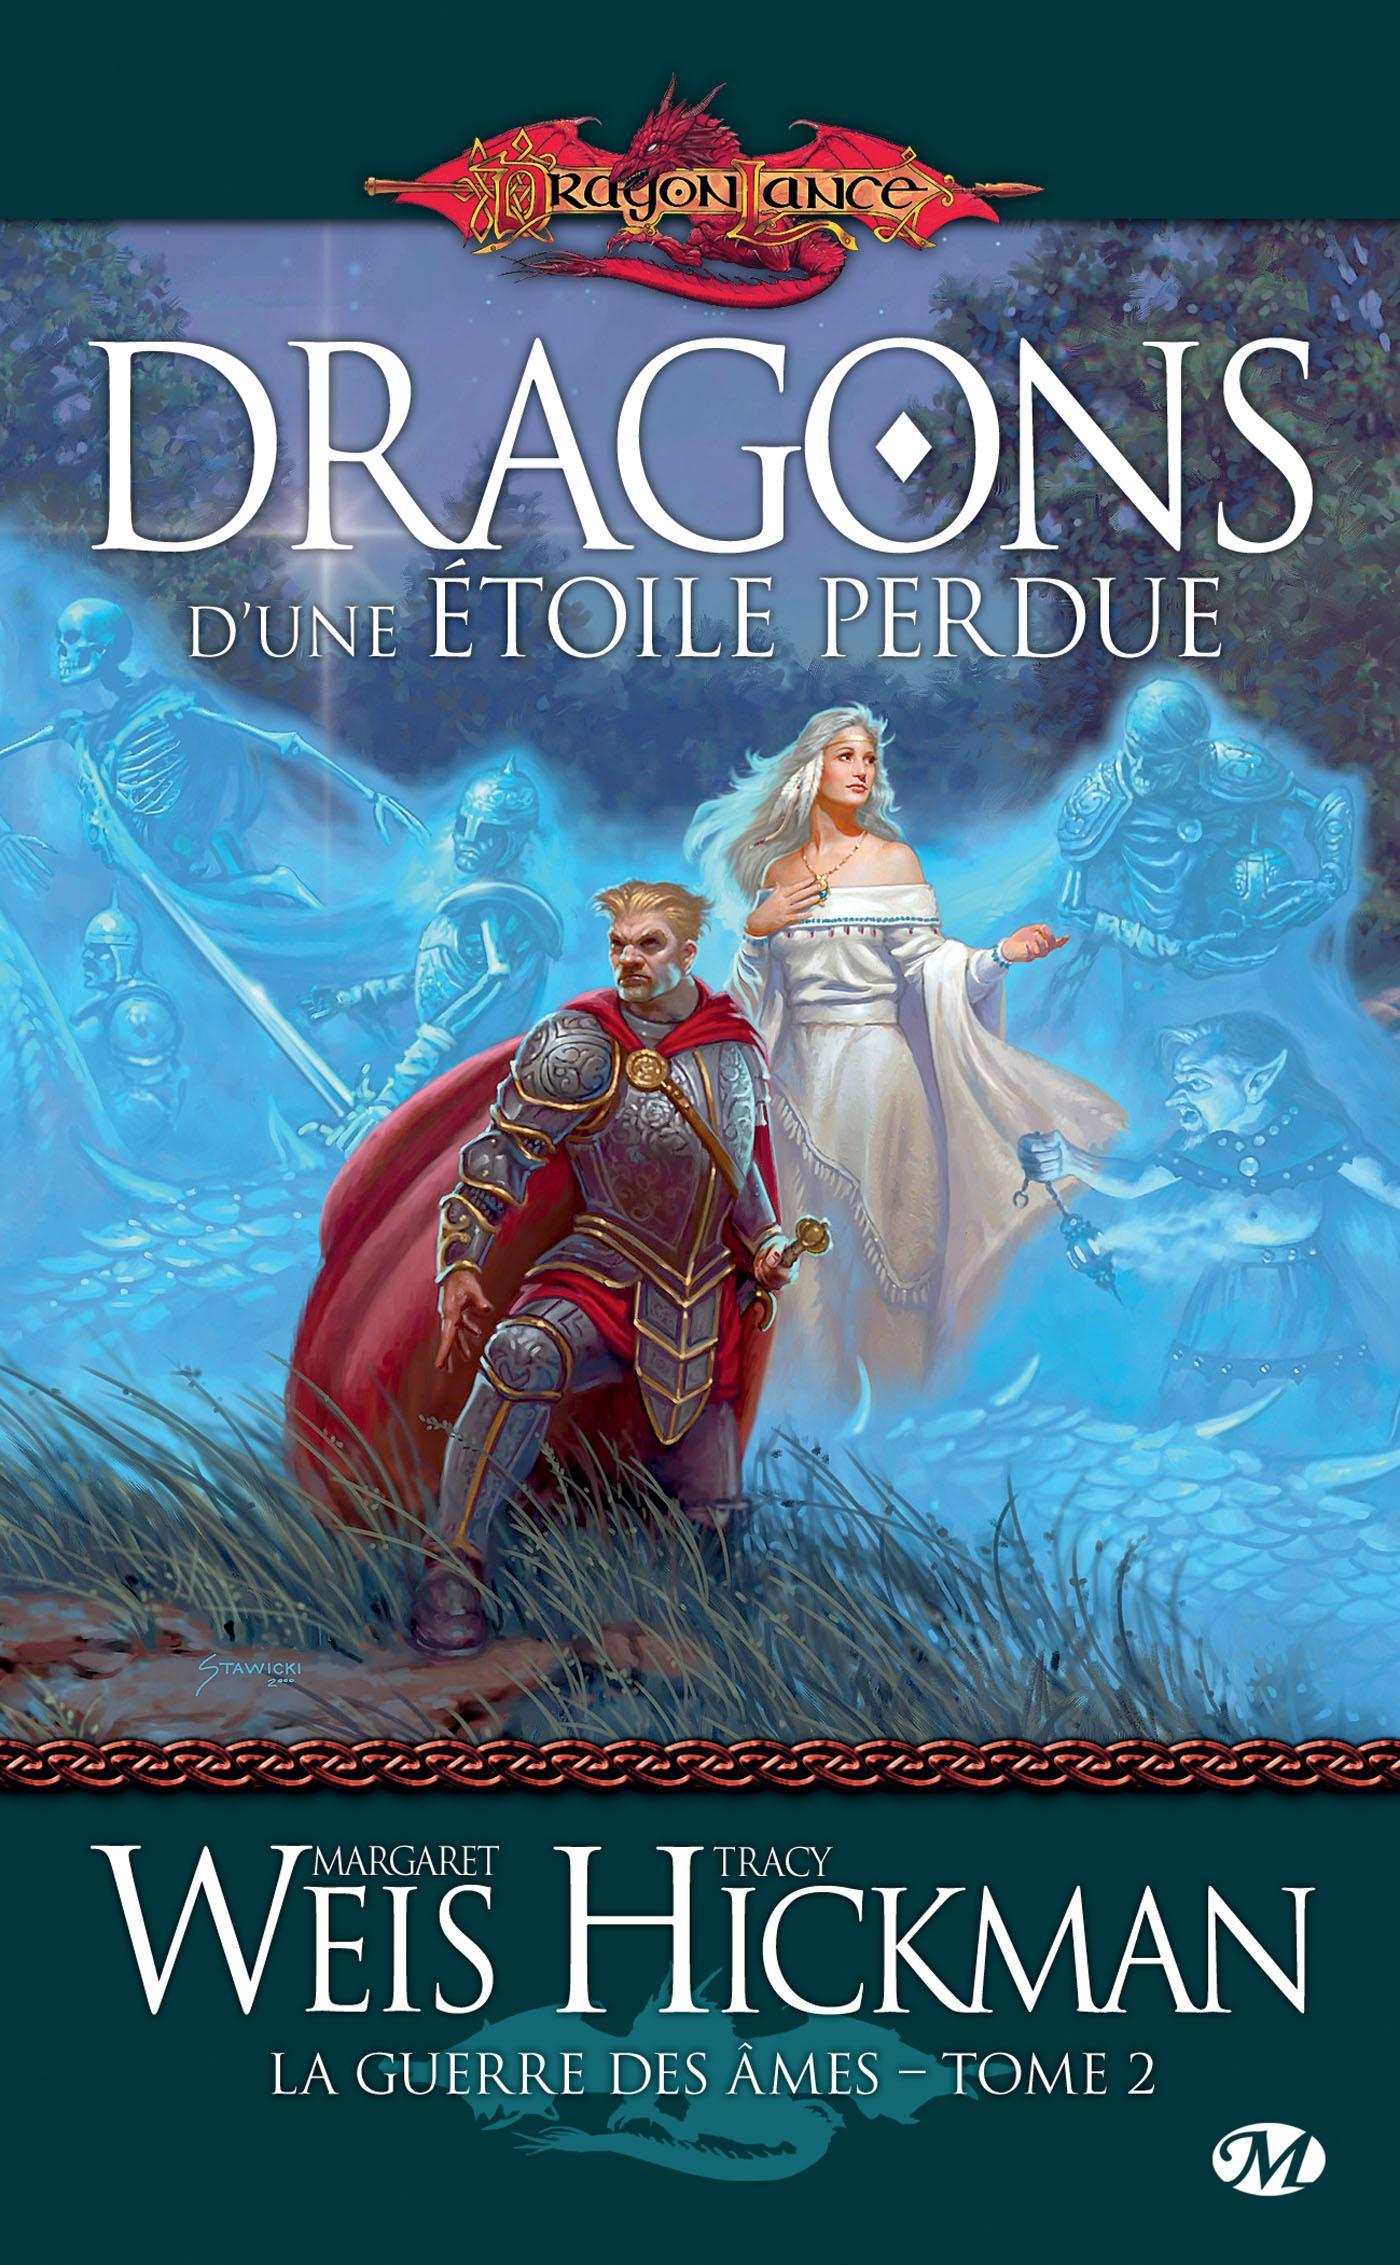 Dragons d'une étoile perdue, LA GUERRE DES ÂMES, T2